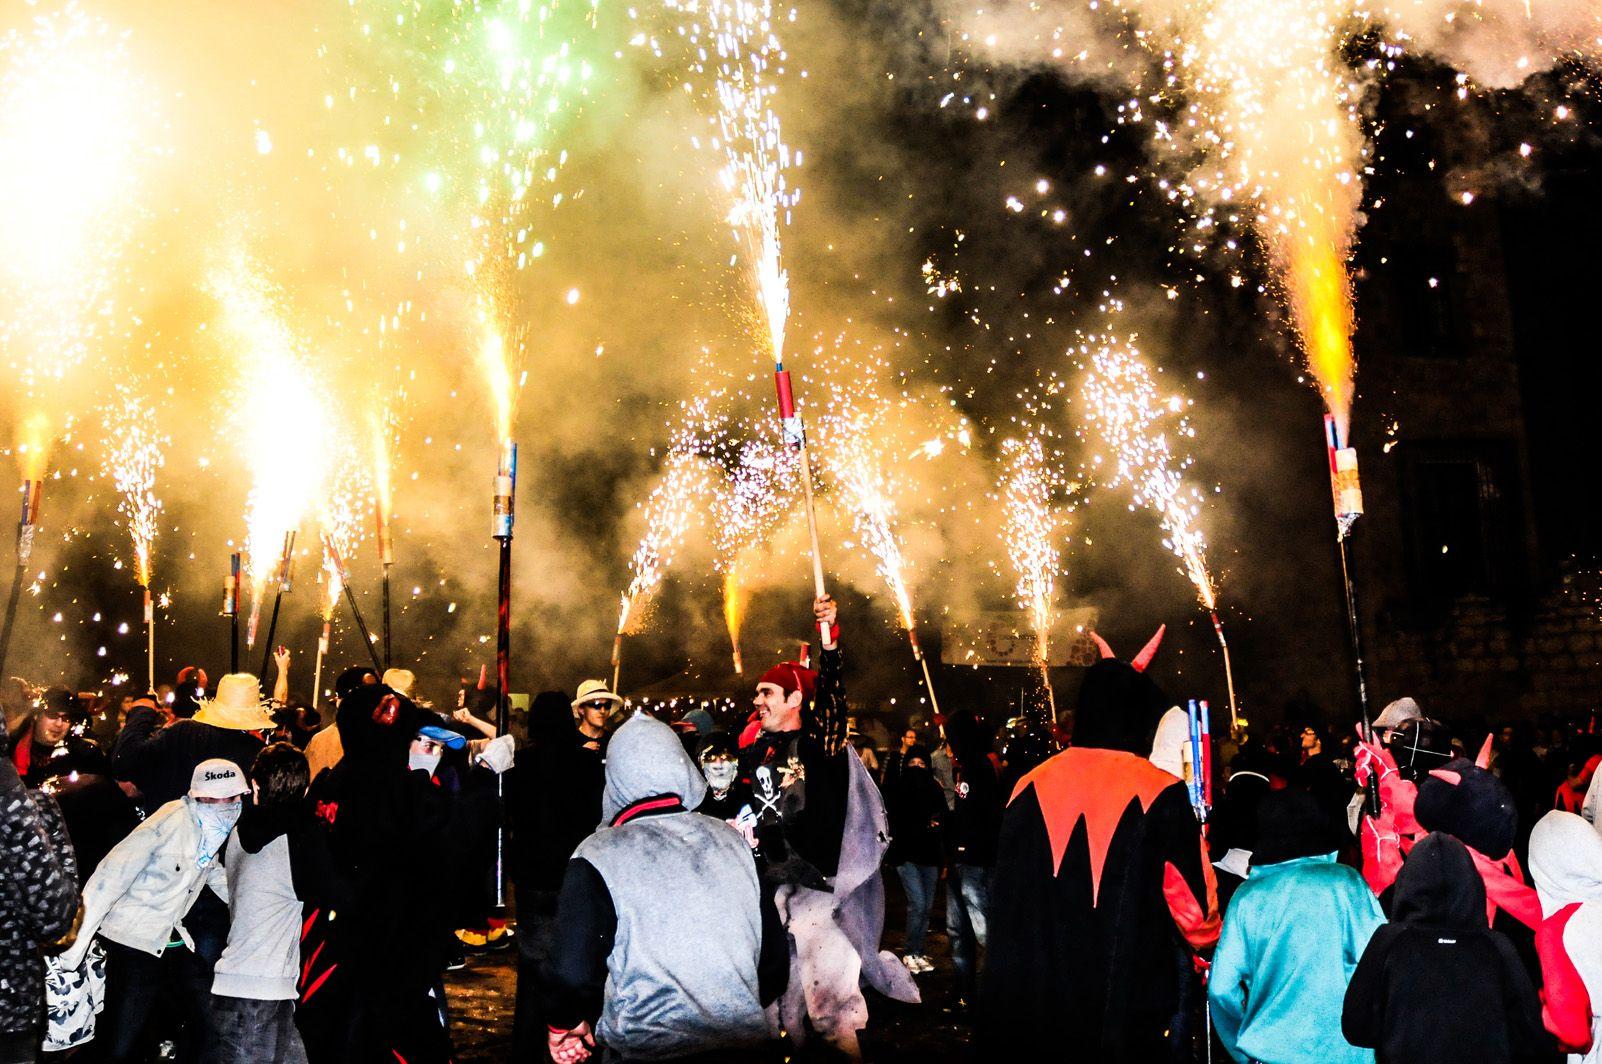 Correfoc de Festa Major l'any 2013. Foto: David Molina.